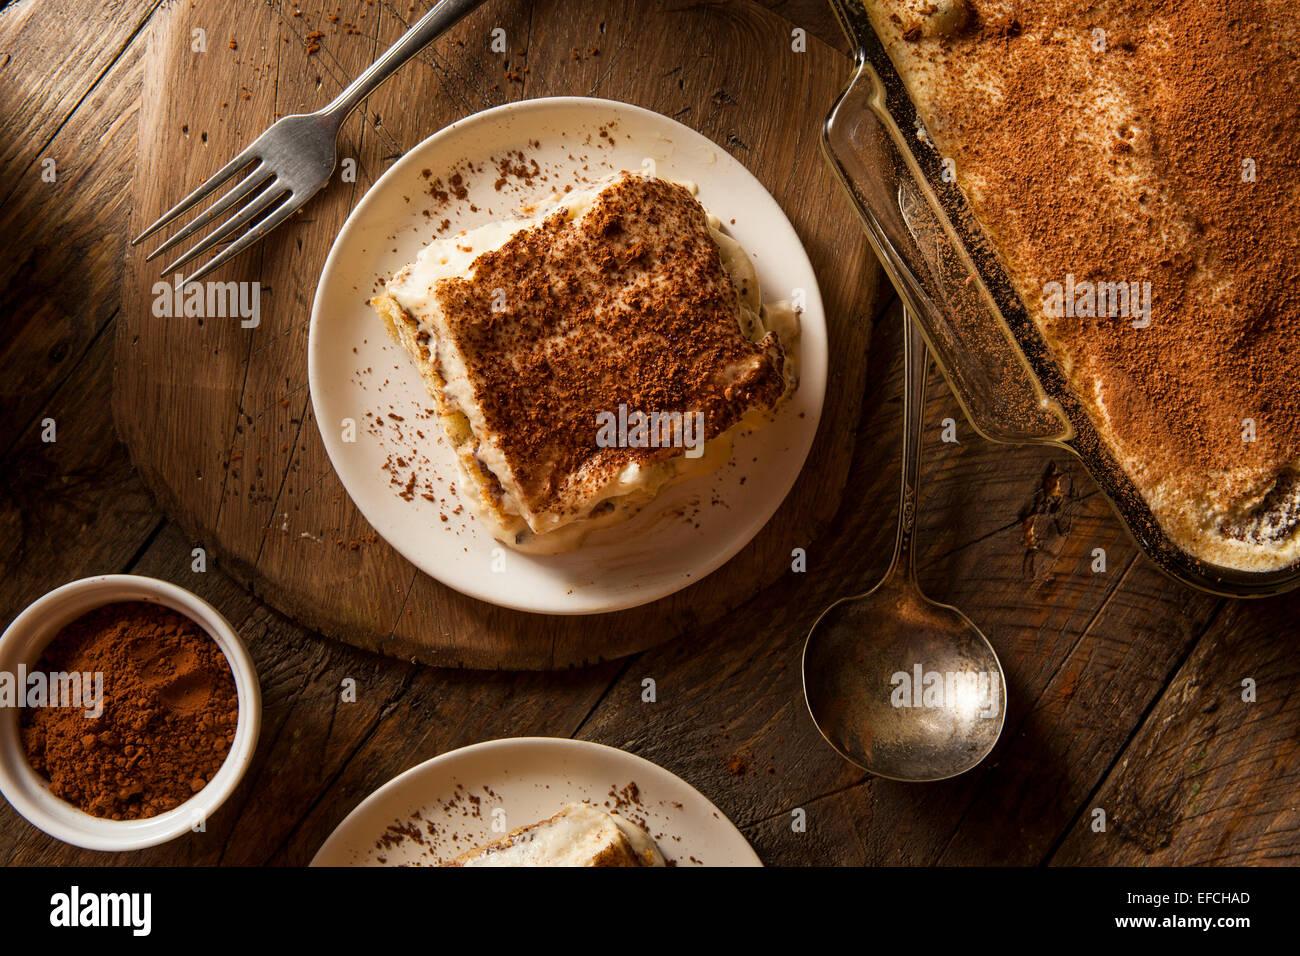 Tiramisú casero de postre con café y chocolate Imagen De Stock